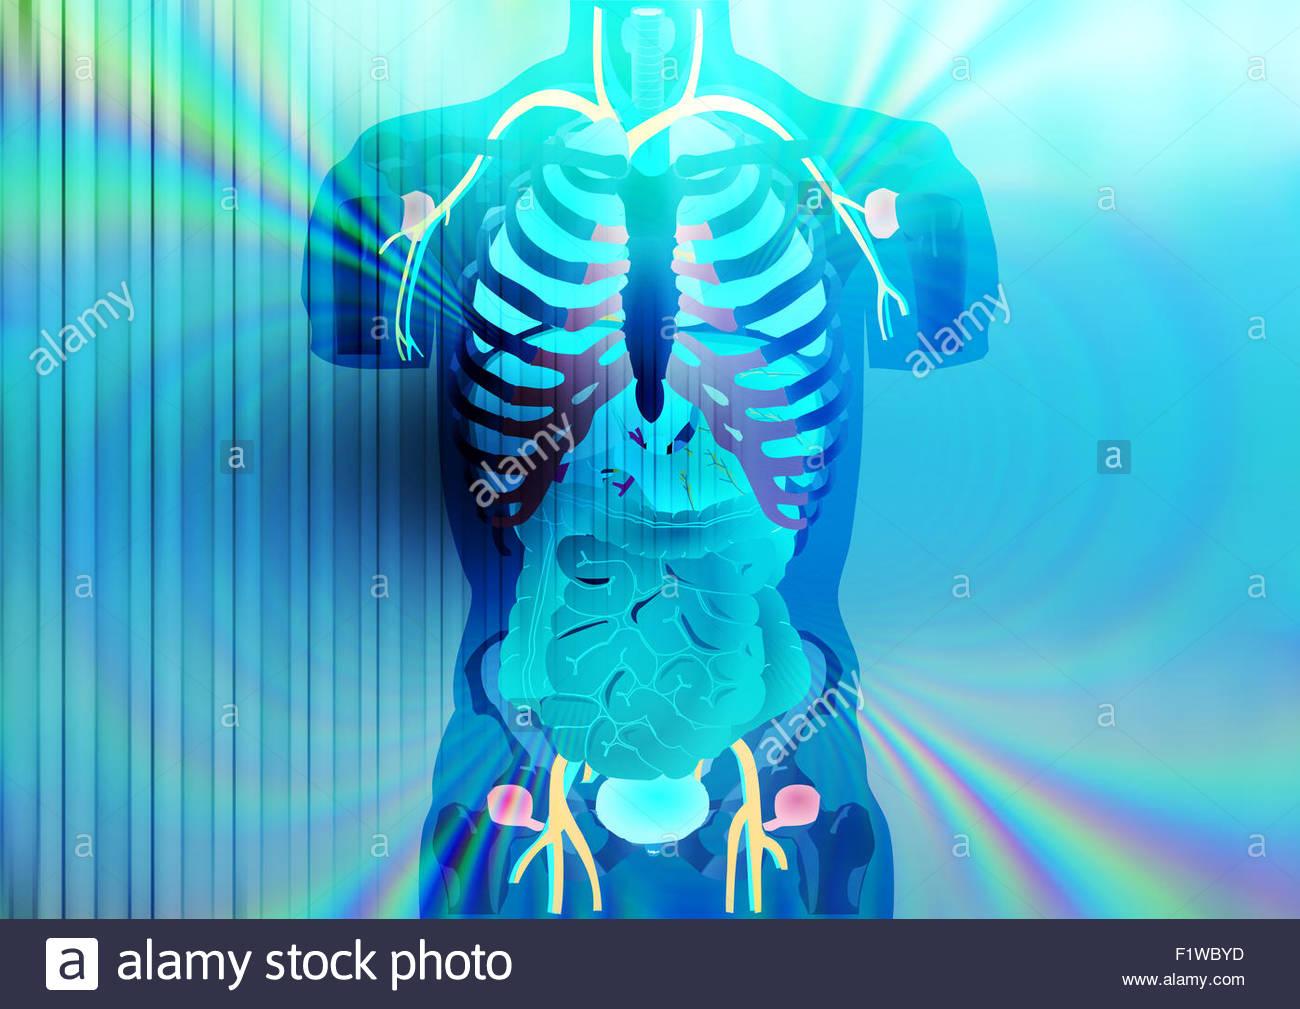 X-ray vision of human internal organs - Stock Image